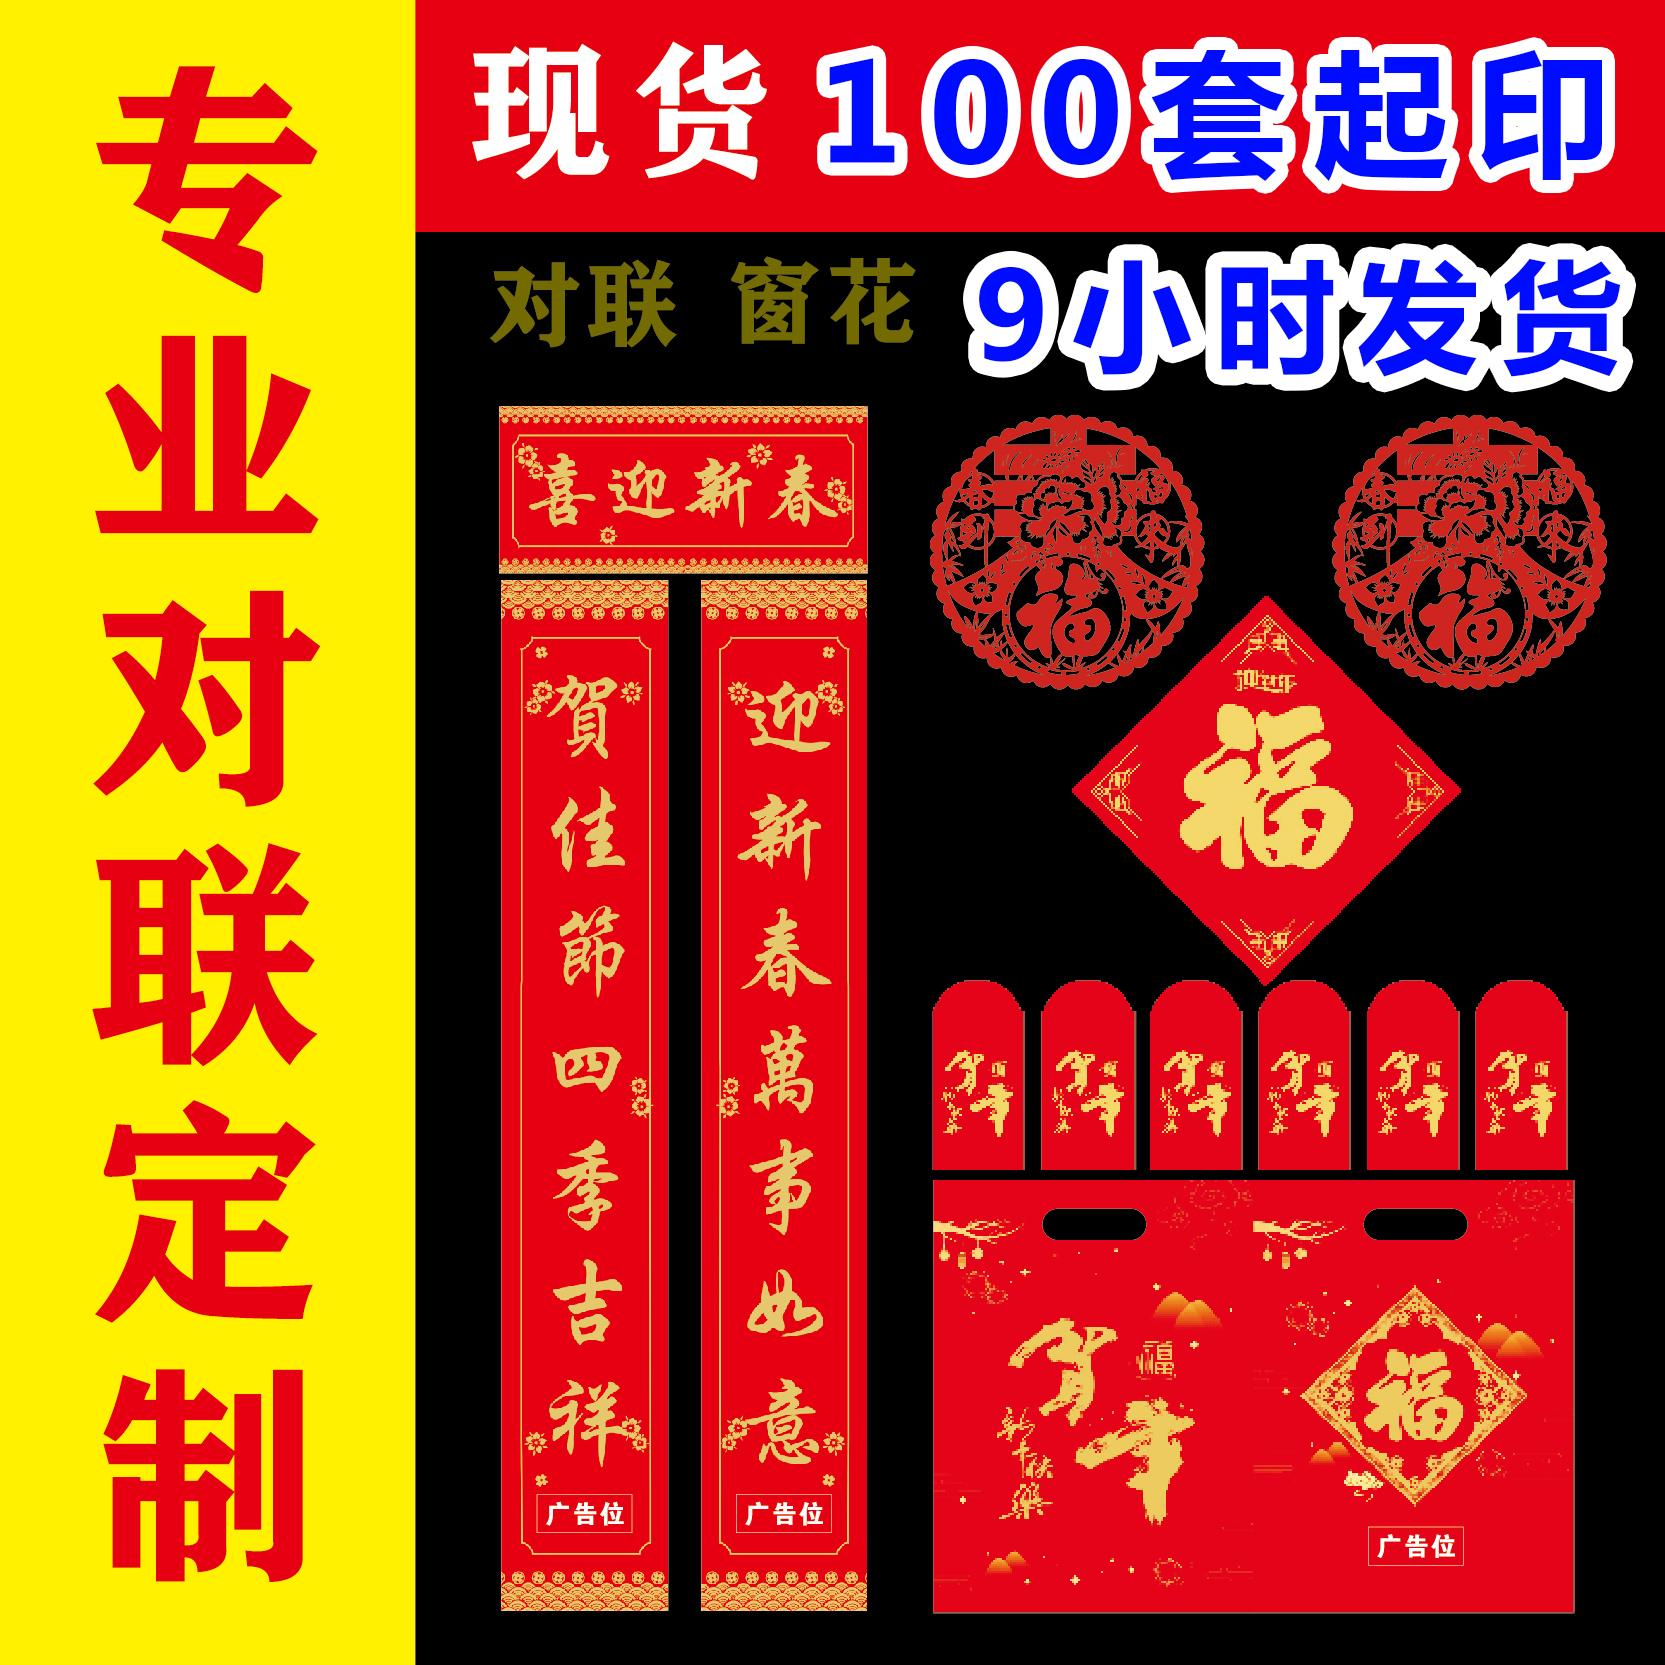 2021牛年广告小对联春联定制厂家红包大礼包福字春节烫金LOGO定做